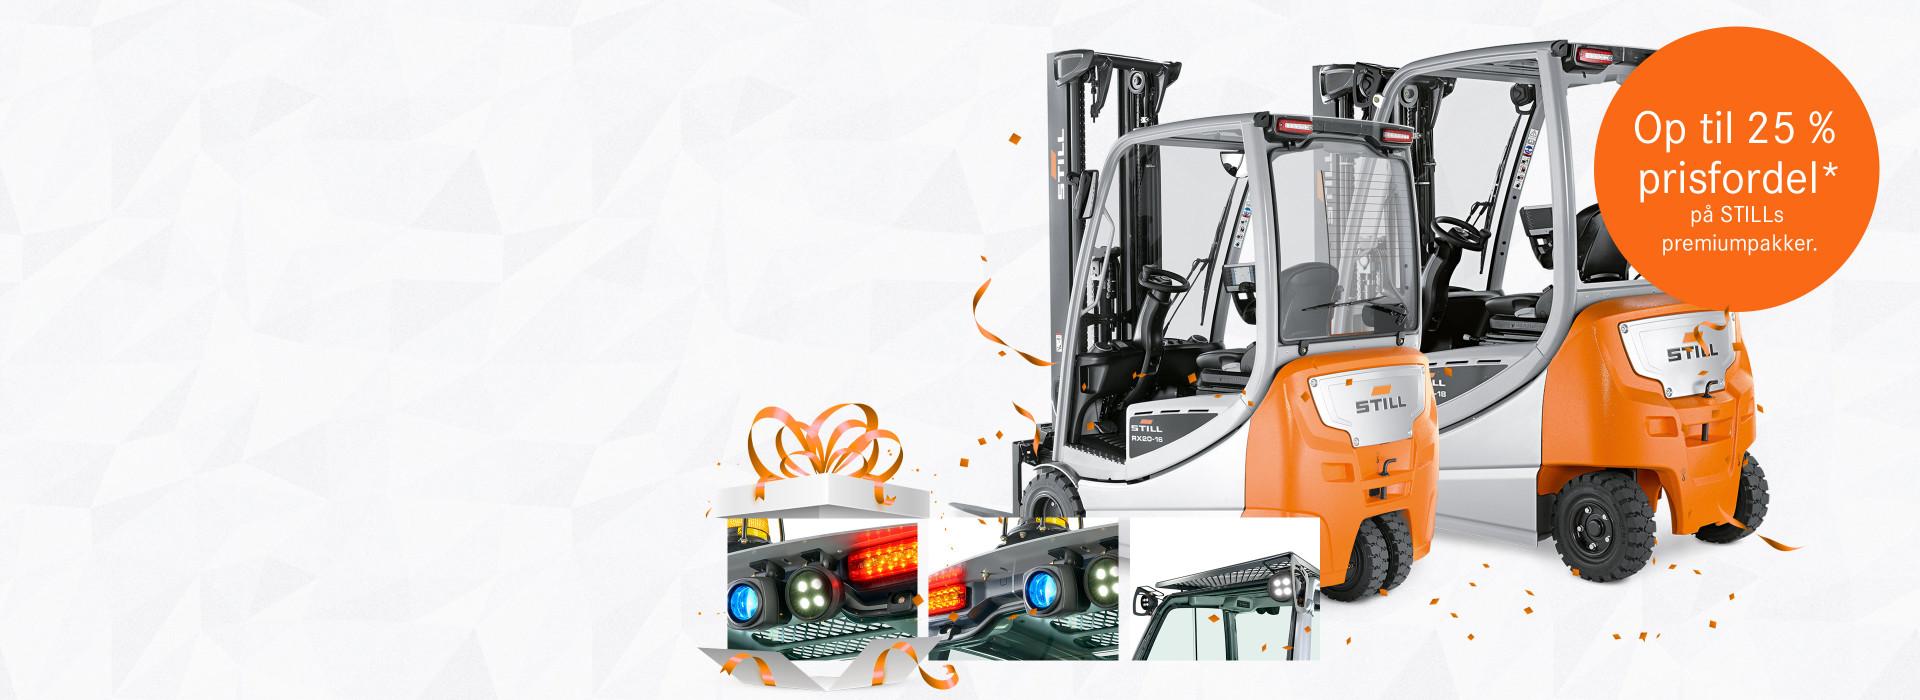 Sikkerhed til en attraktiv pris til din elektriske gaffeltruck